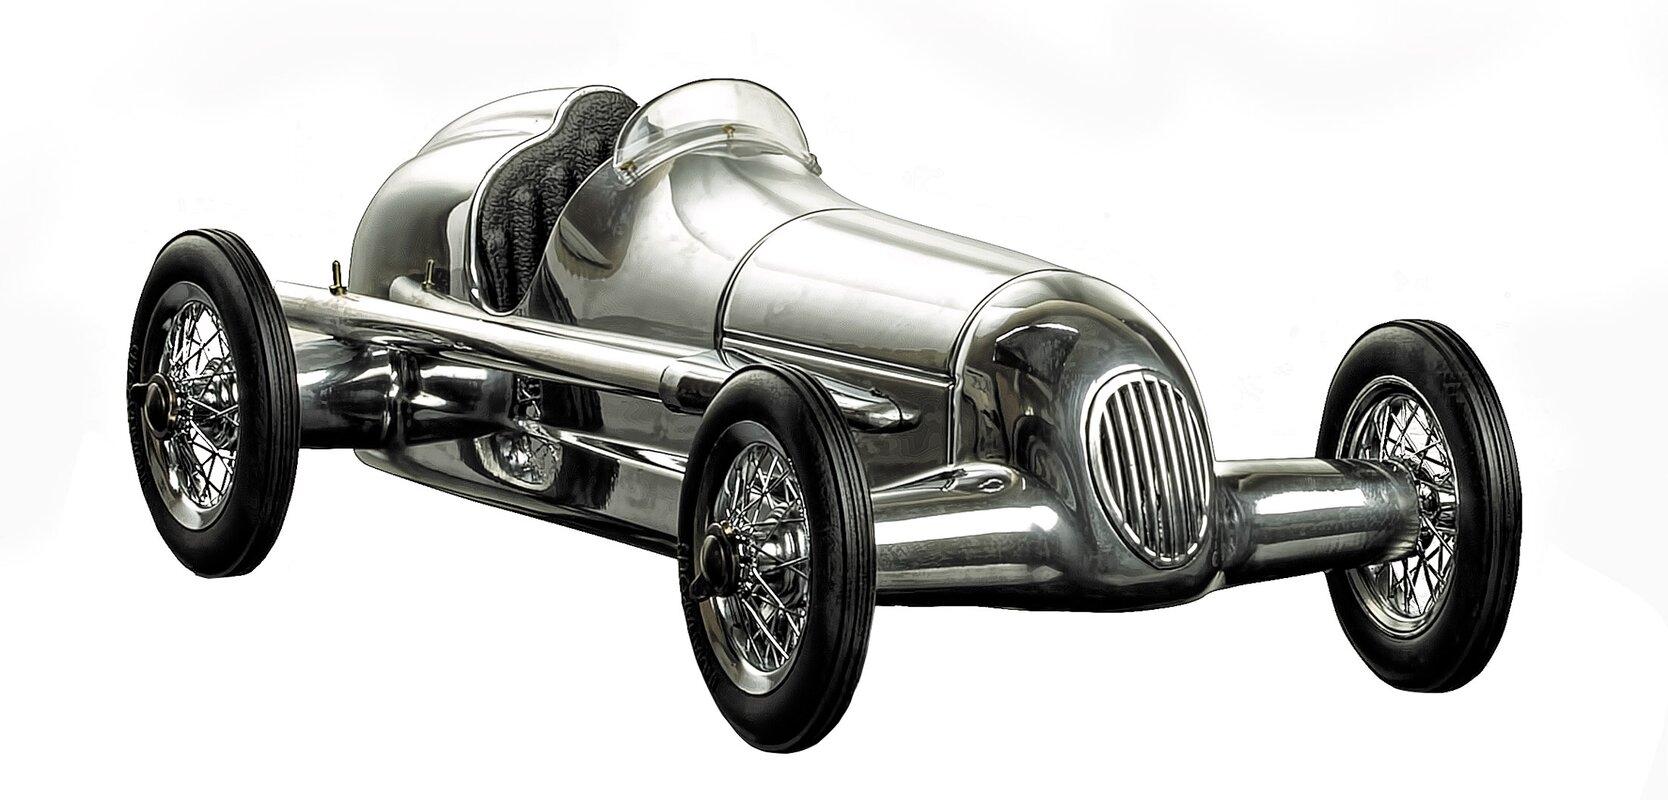 Museum Silberpfeil Indy Racer Sculpture